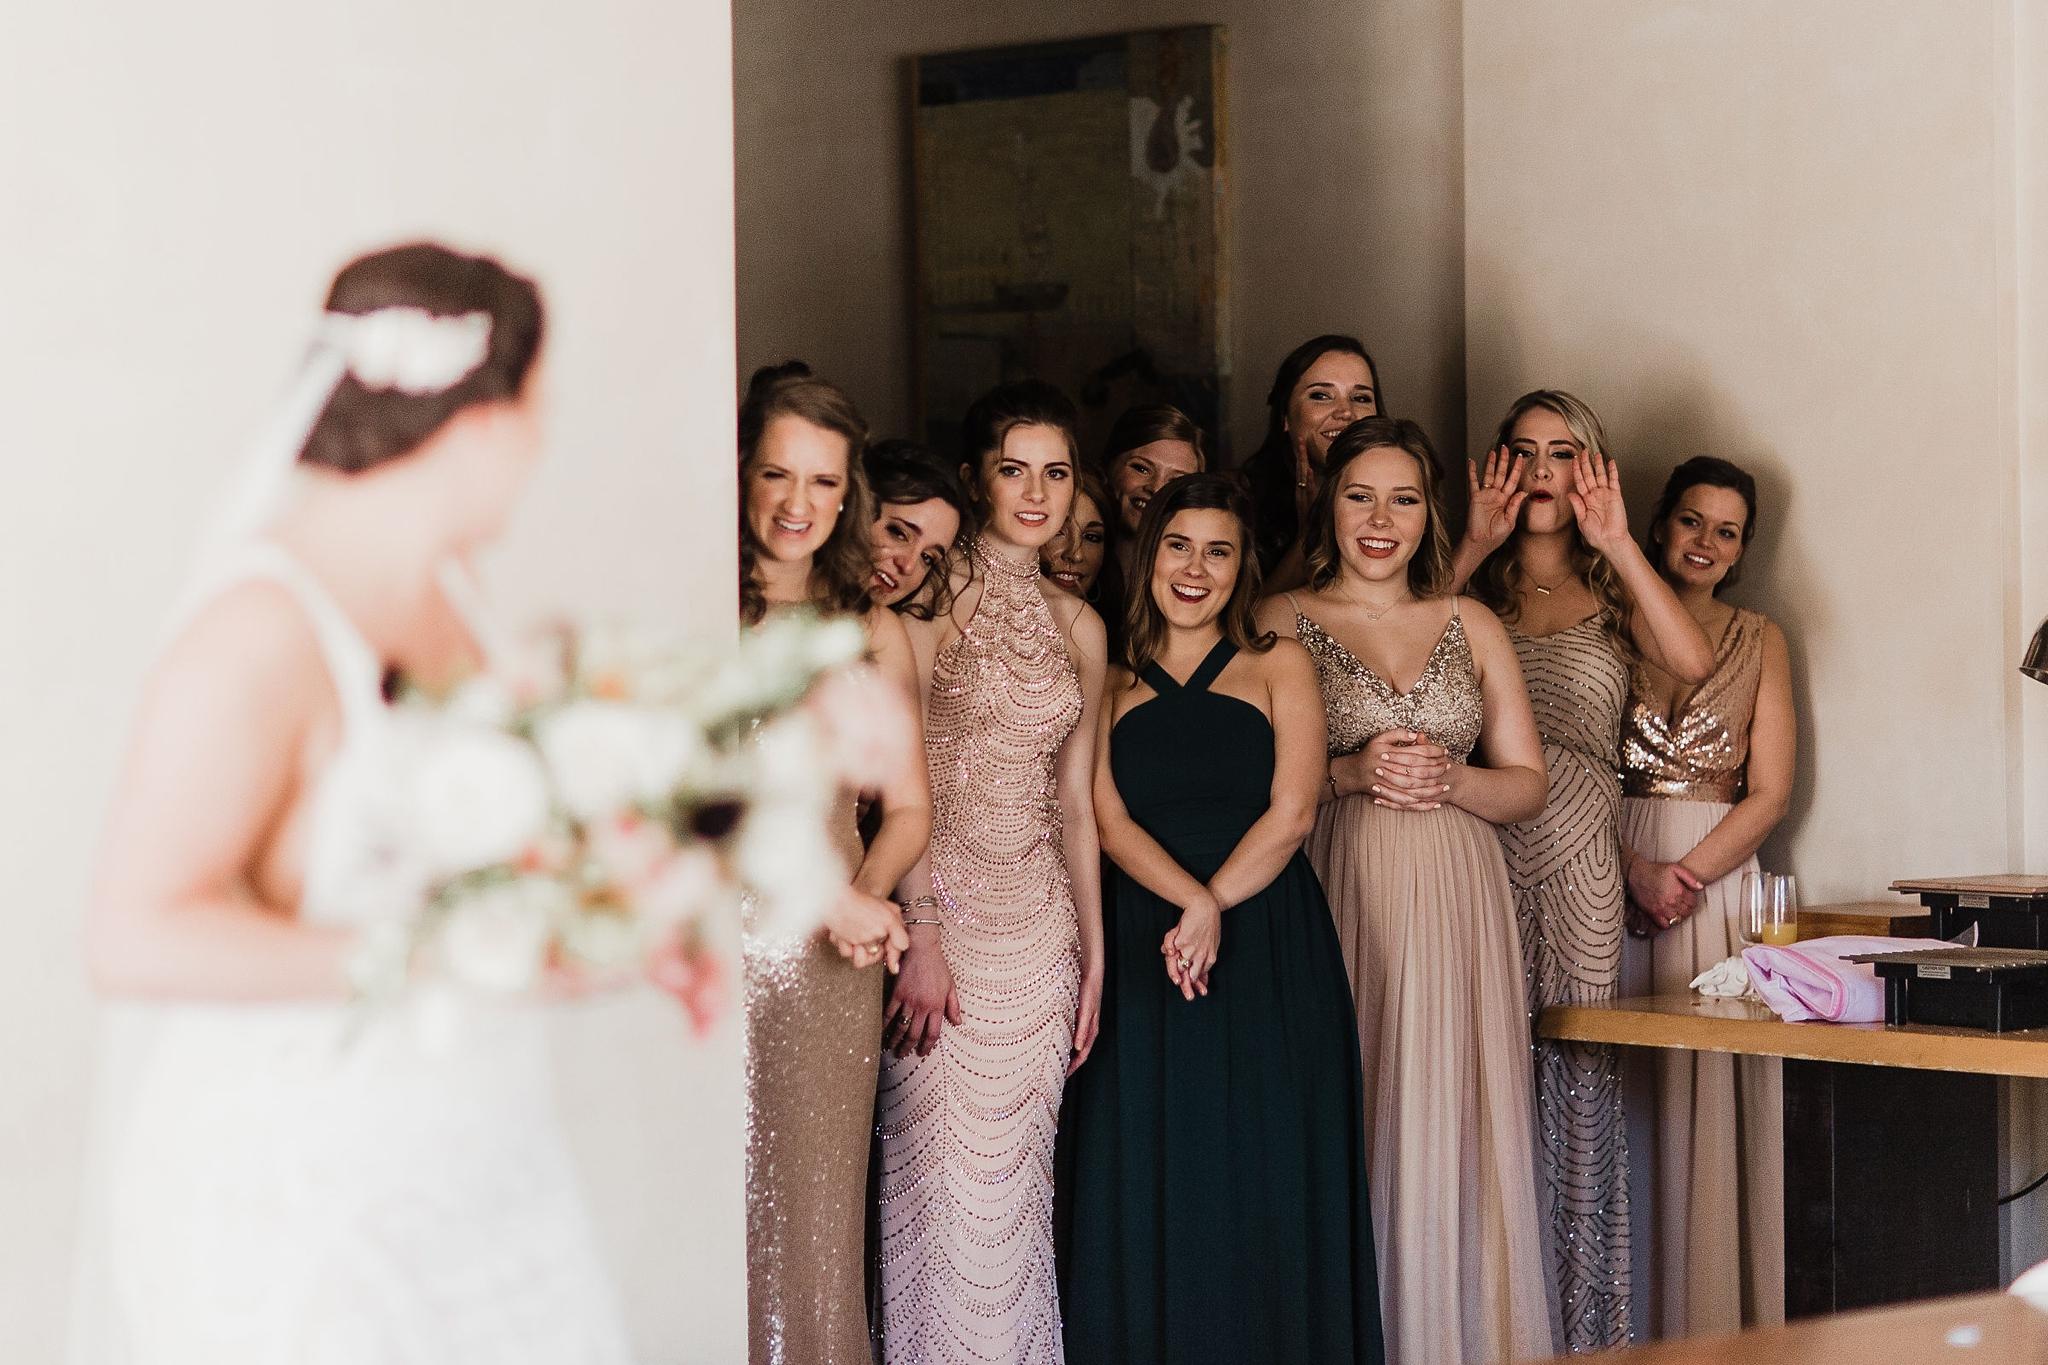 Alicia+lucia+photography+-+albuquerque+wedding+photographer+-+santa+fe+wedding+photography+-+new+mexico+wedding+photographer+-+new+mexico+wedding+-+new+mexico+wedding+-+colorado+wedding+-+bridesmaids+-+bridesmaid+style_0009.jpg